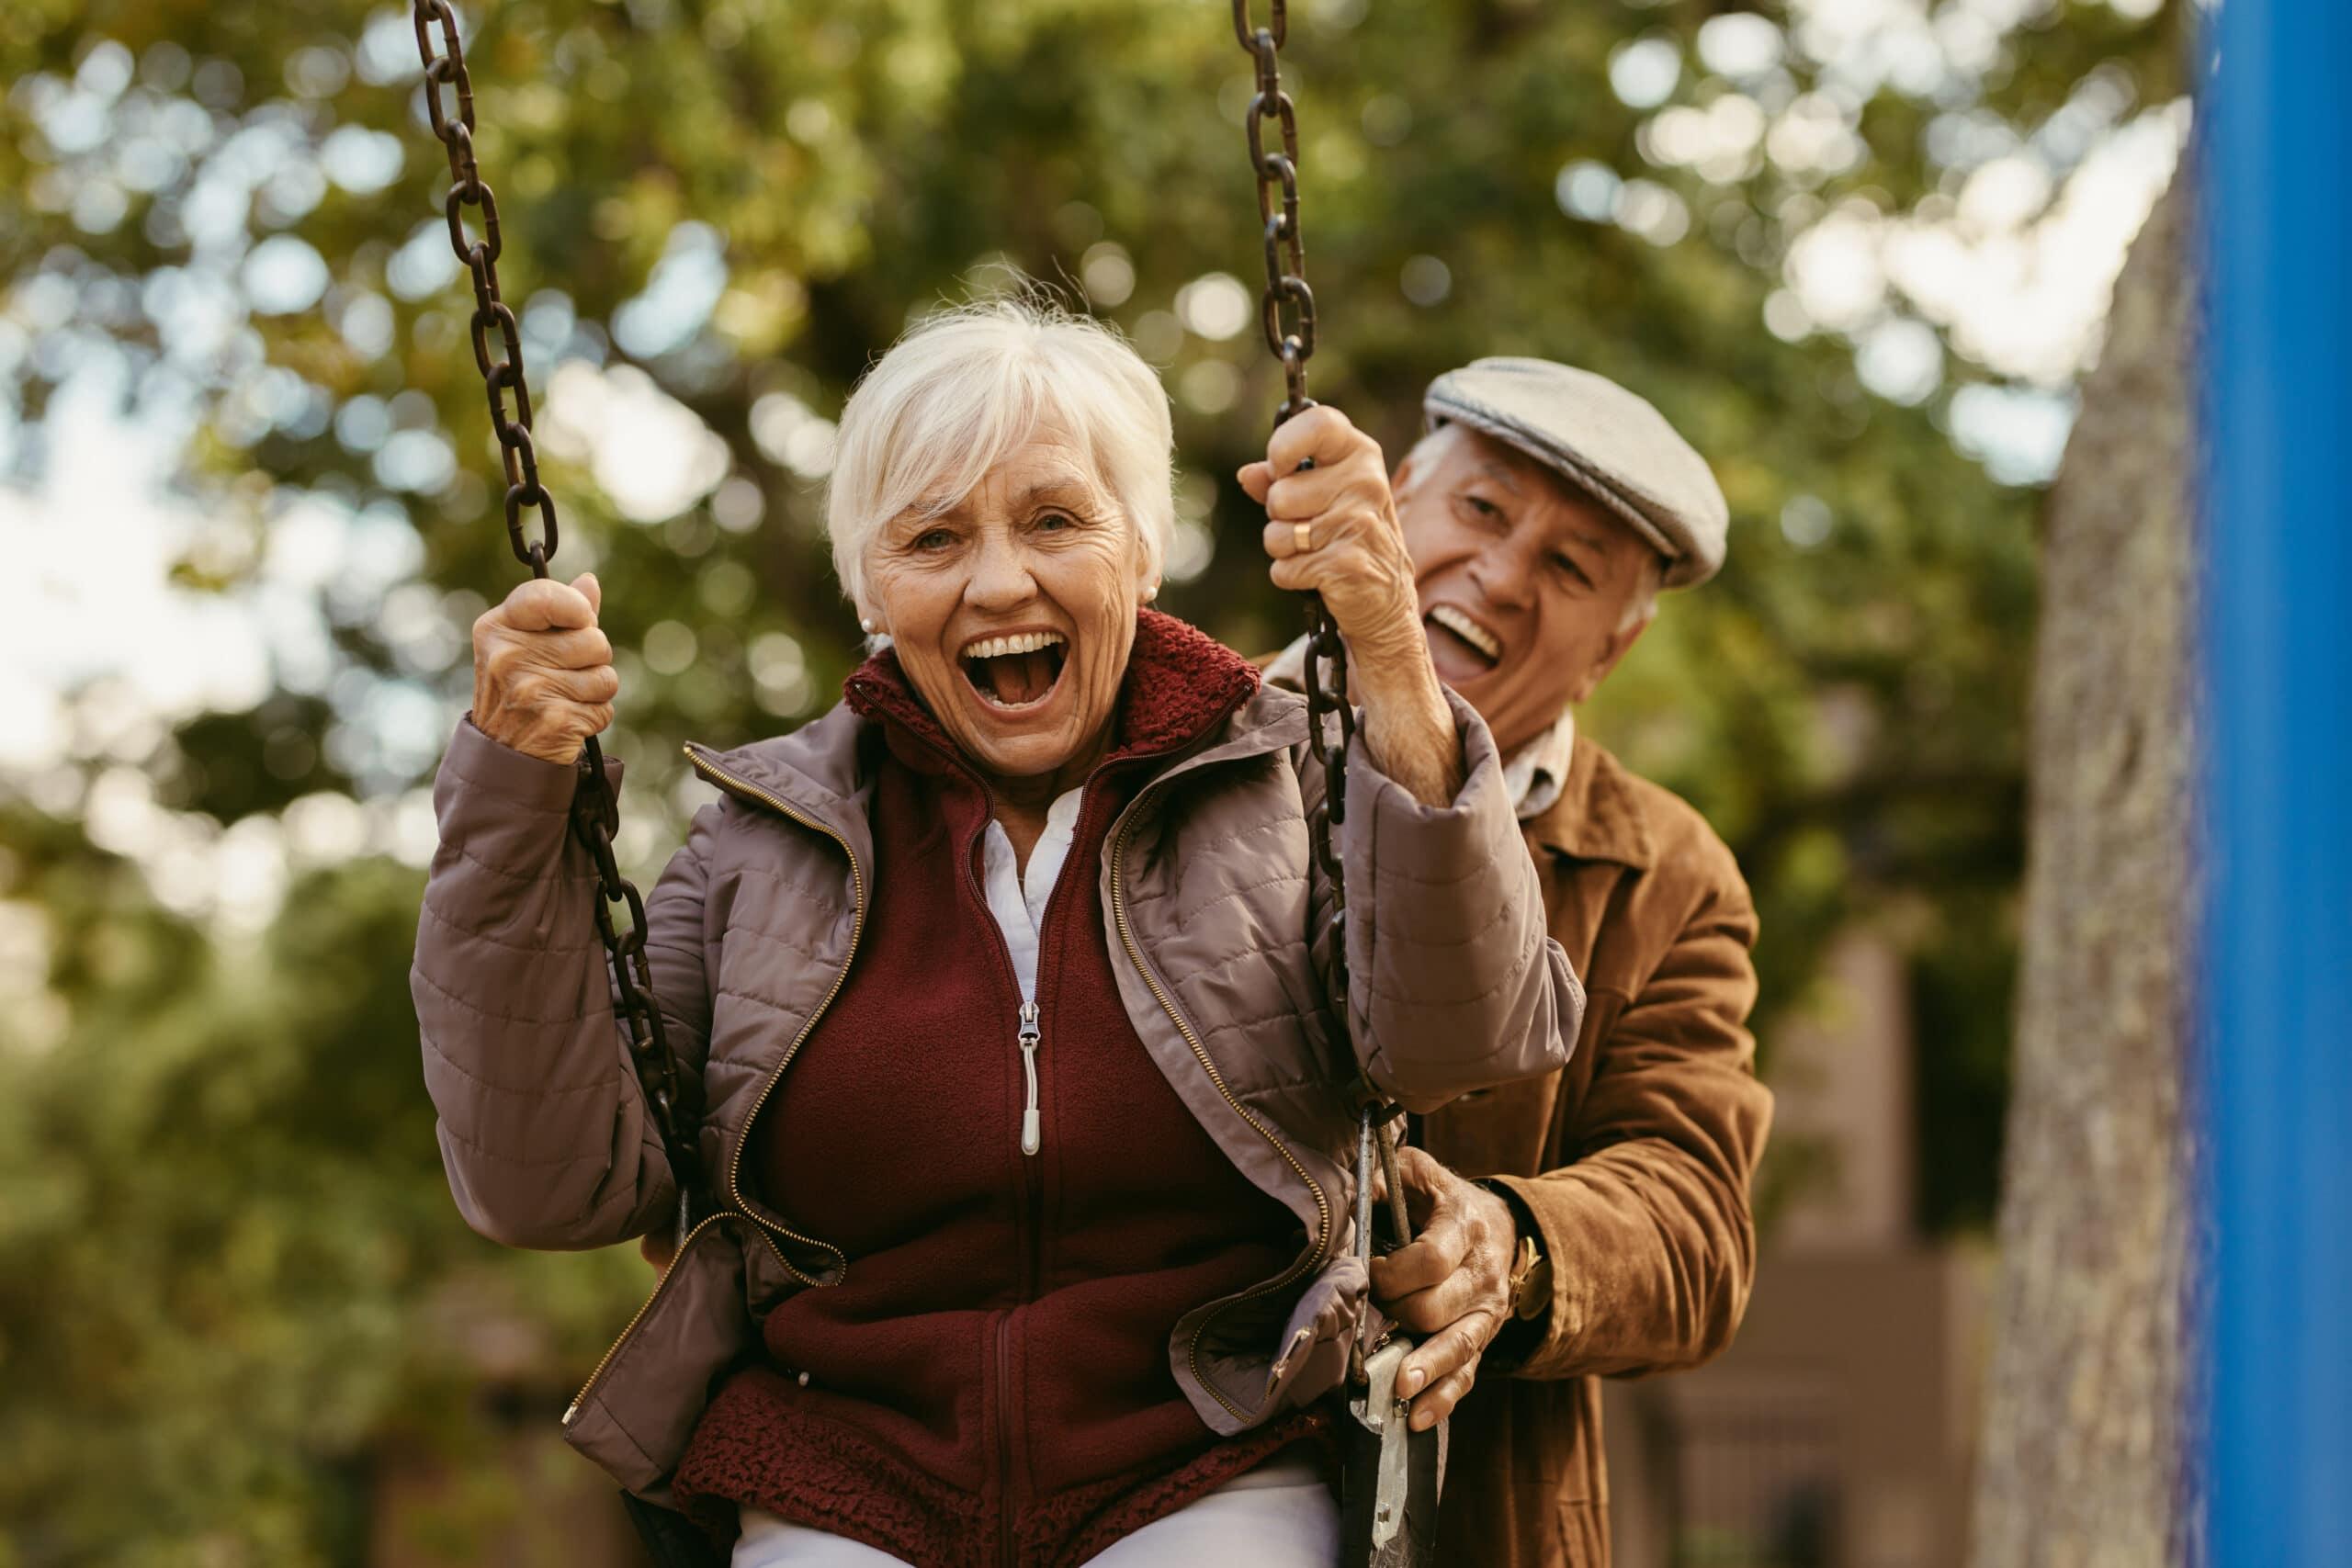 Pampersy dla dorosłych na receptę – jak starać się o refundację?